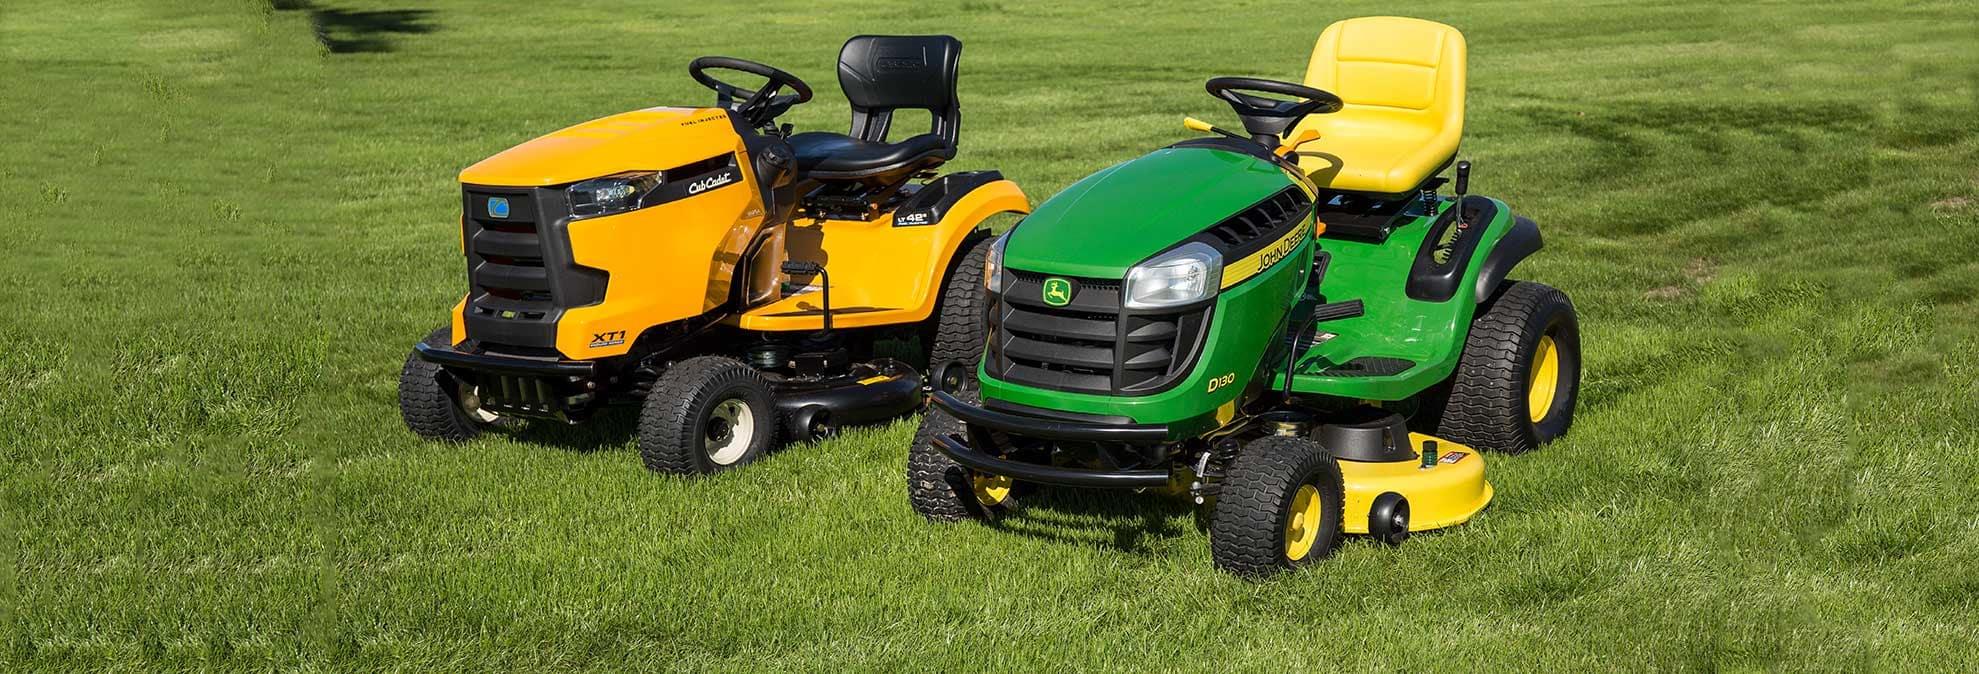 Cub Cadet vs  John Deere Lawn Tractor Face-Off - Consumer Reports